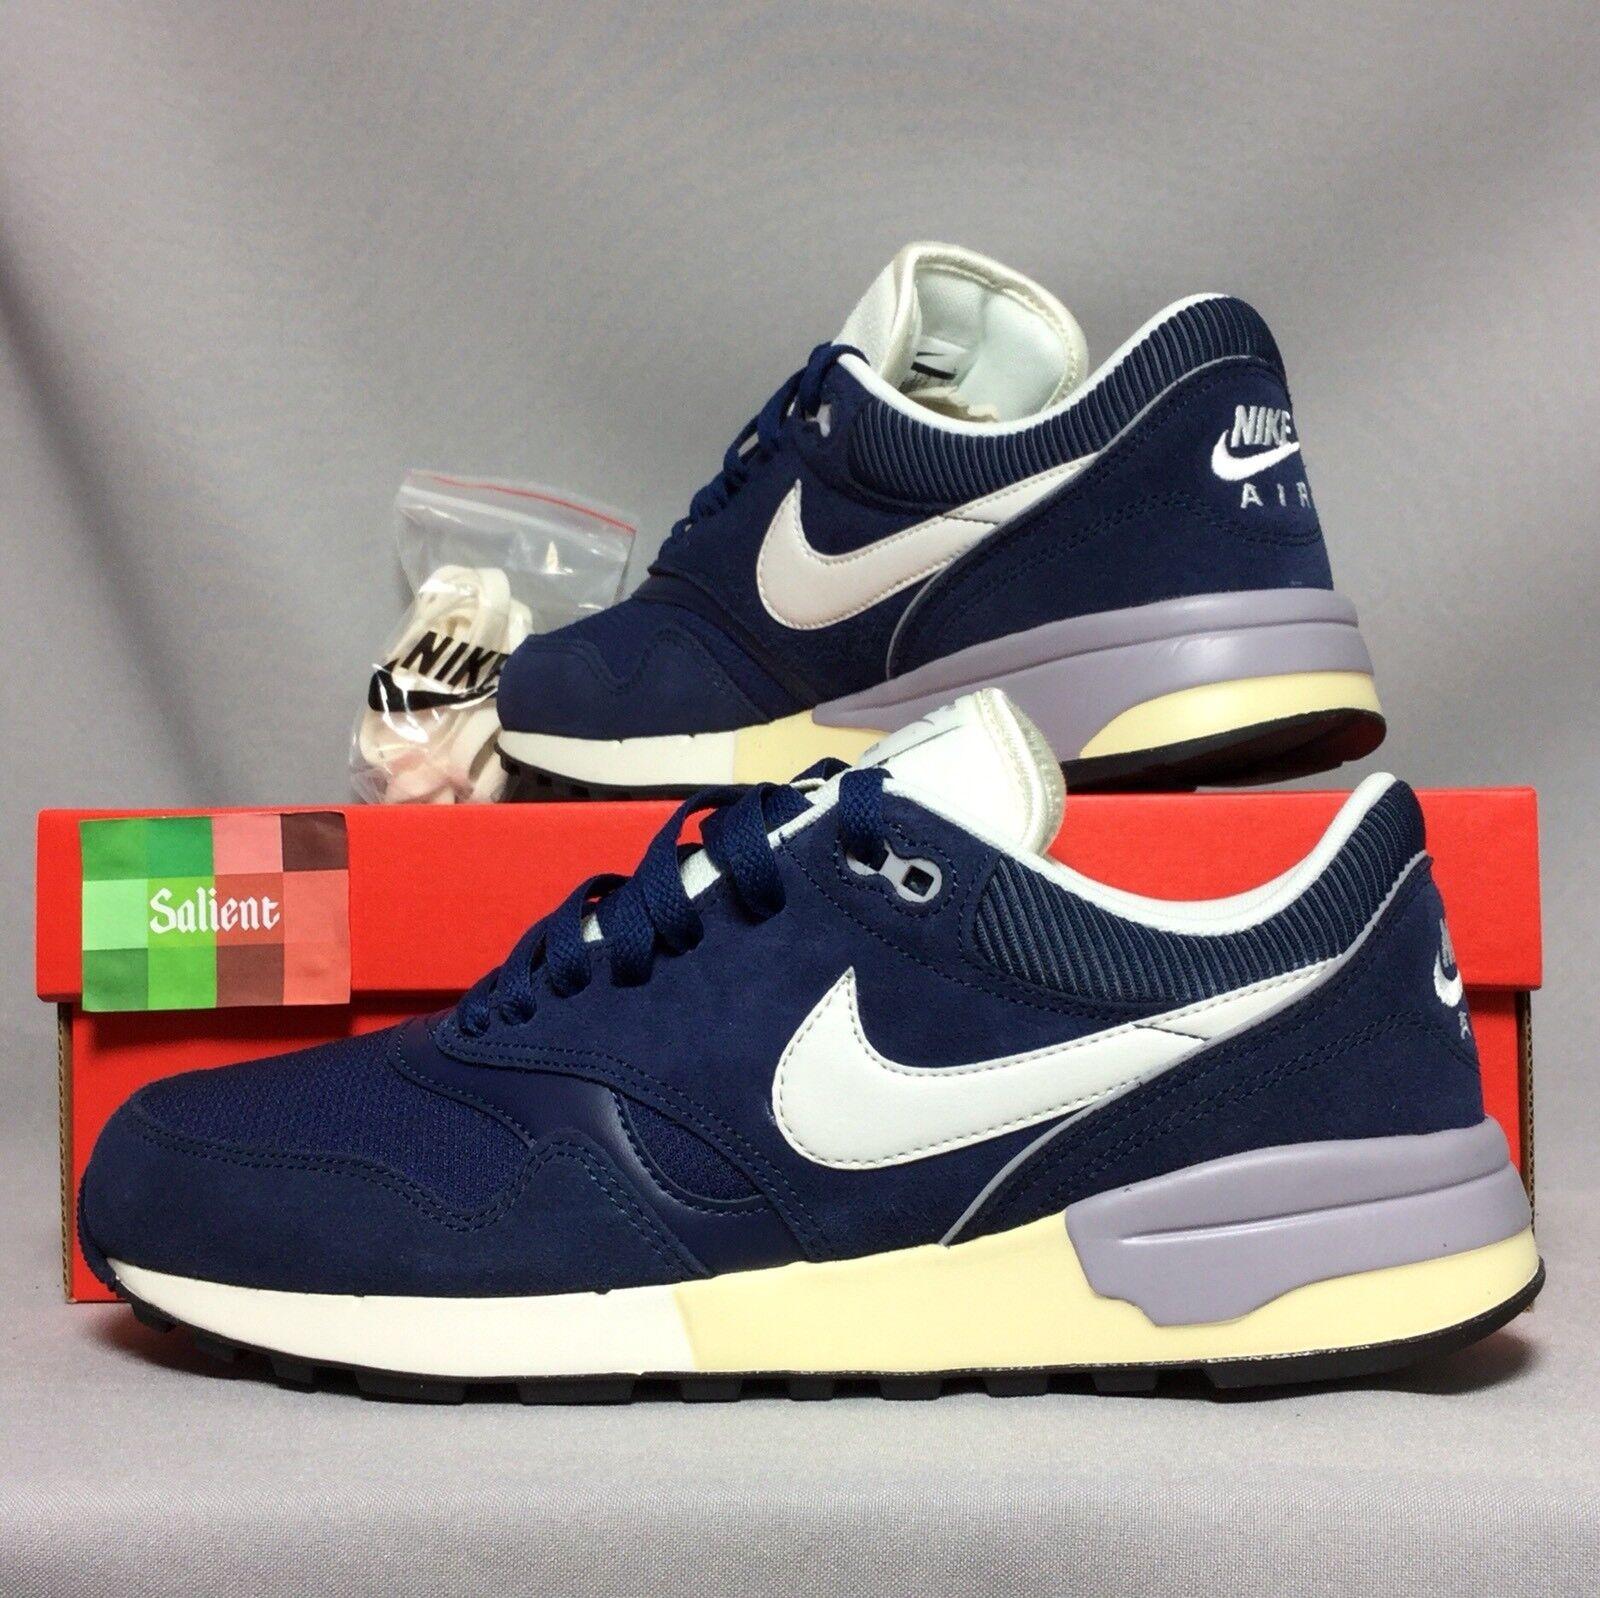 Nike Air Odyssey UK8 652989-403 blanc EUR42.5 US9 Navy Bleu blanc 652989-403 epic pegasus max f64904